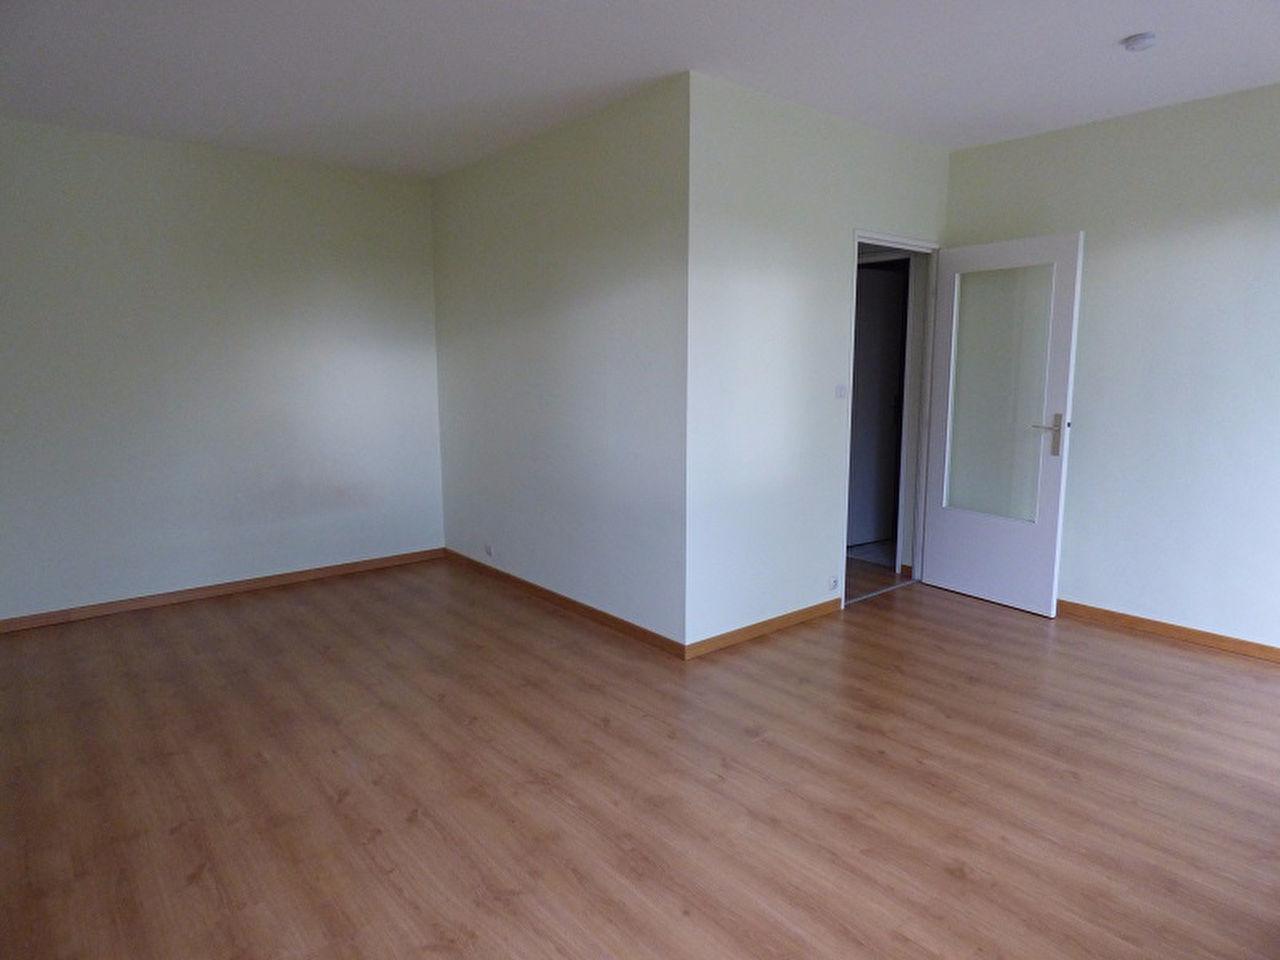 comment faire pour trouver une location d appartement tours. Black Bedroom Furniture Sets. Home Design Ideas